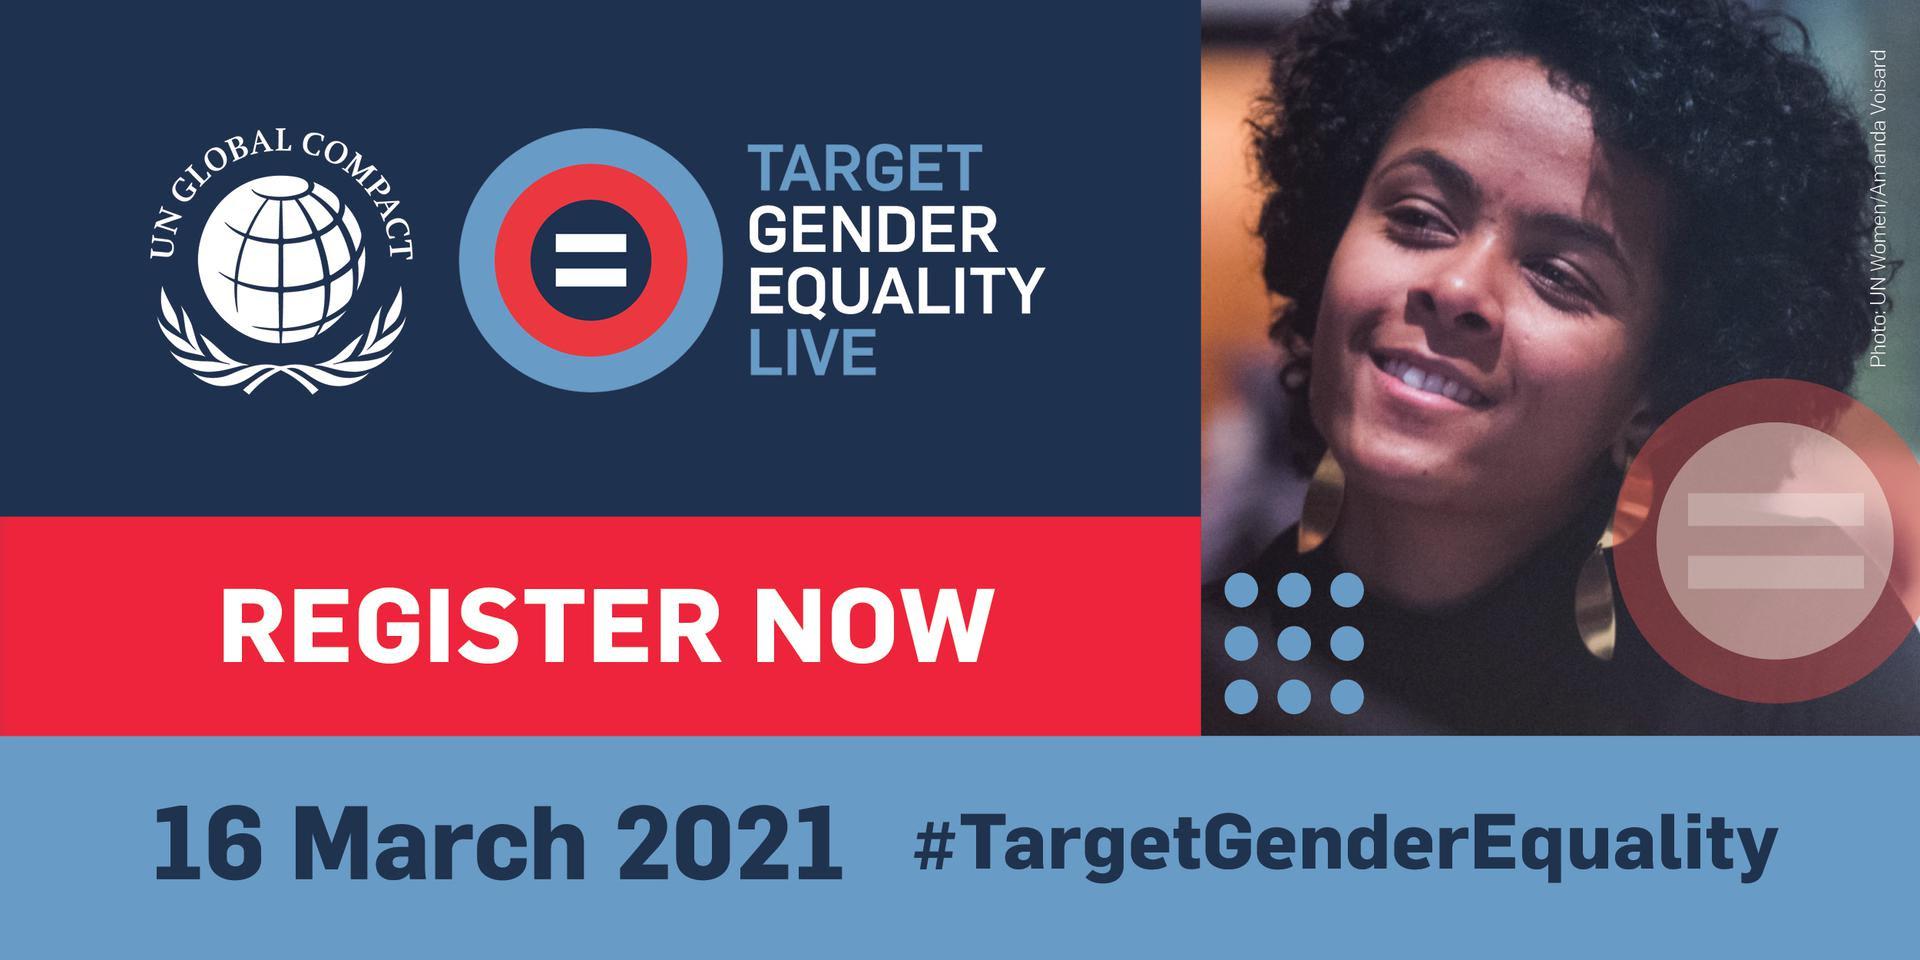 TARGET GENDER EQUALITY LIVE   16 March 2021